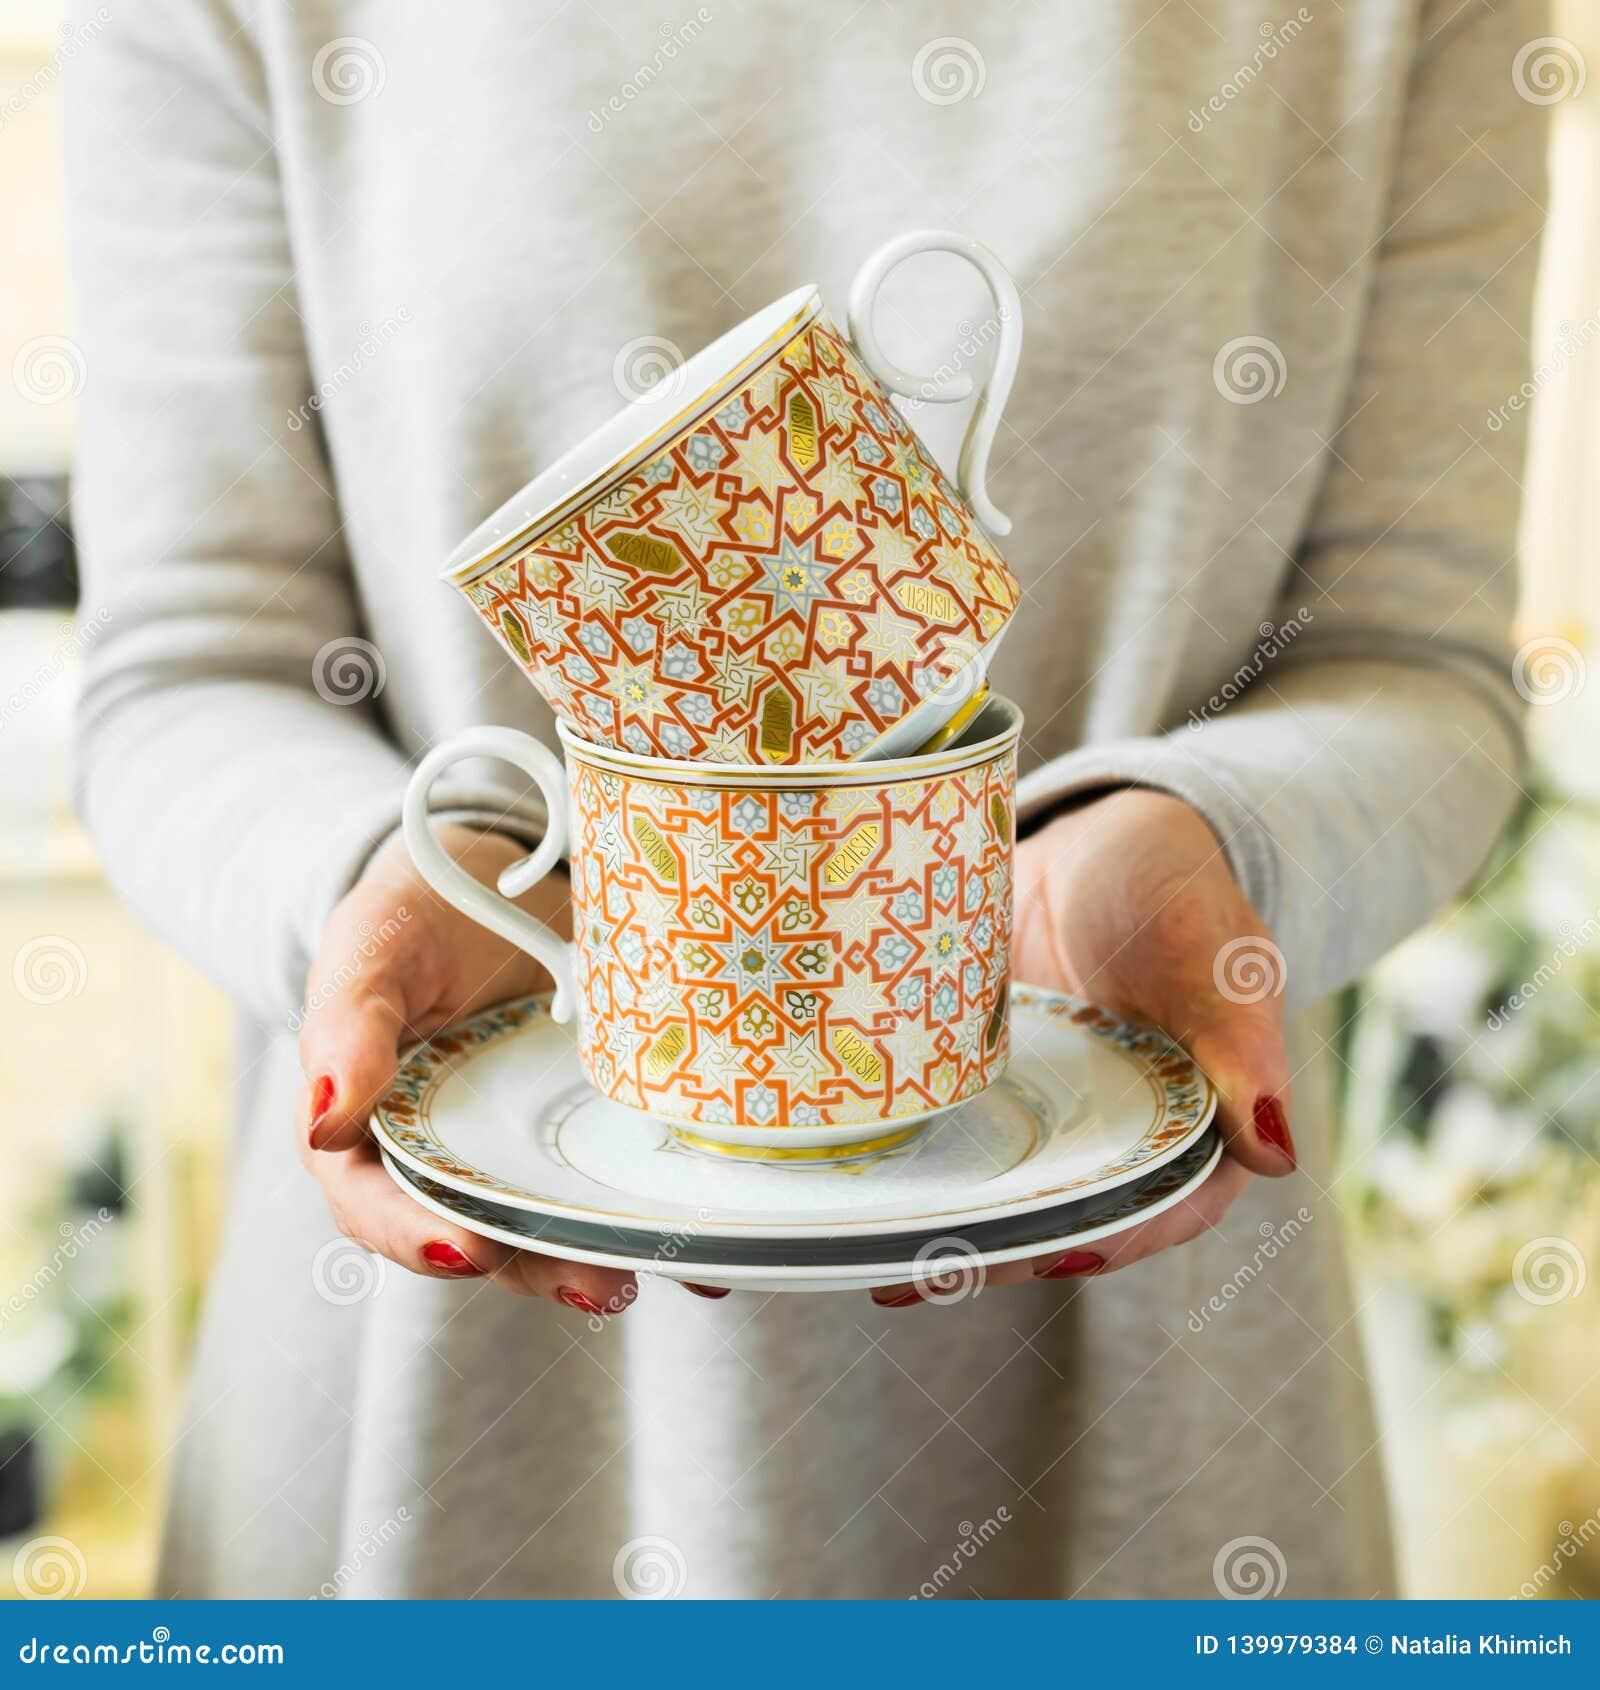 Tasses et soucoupes élégantes de thé ou de café chez les mains des femmes La femme tient un plat en céramique